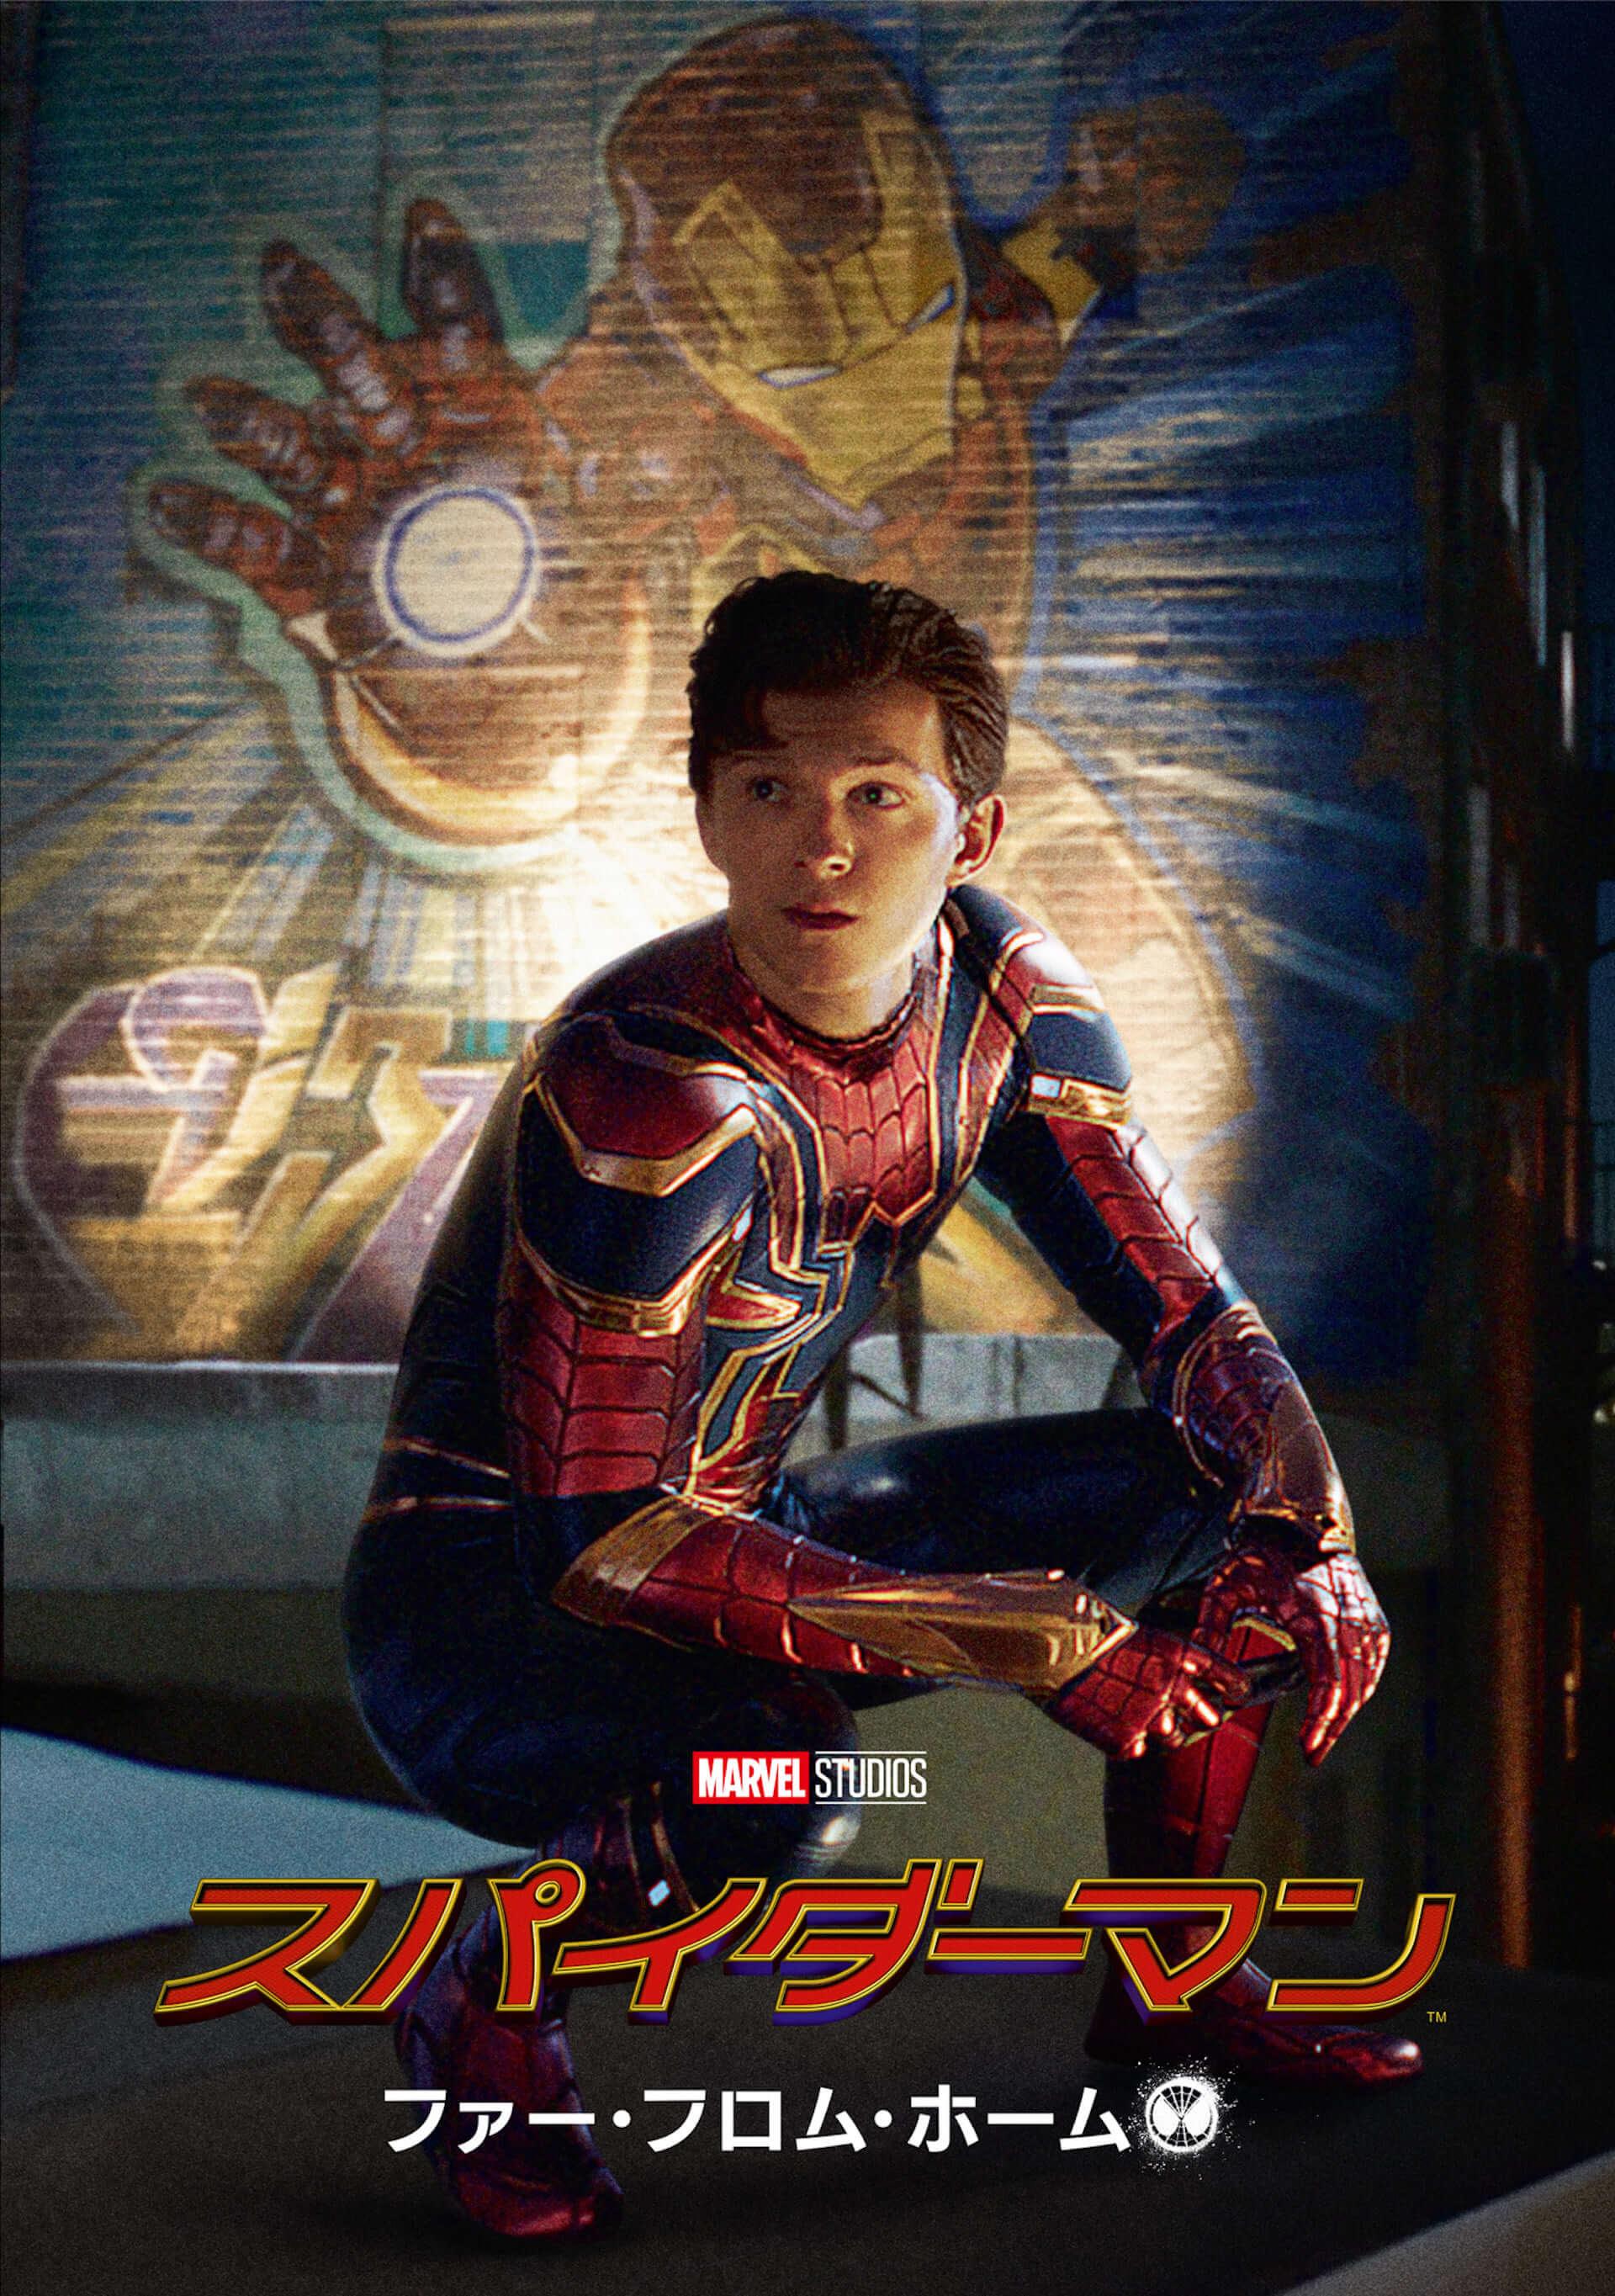 話題の『スパイダーマン:ファー・フロム・ホーム』4DX with ScreenXがロングラン上映決定! film190726_sffh_4dx_2-1920x2729